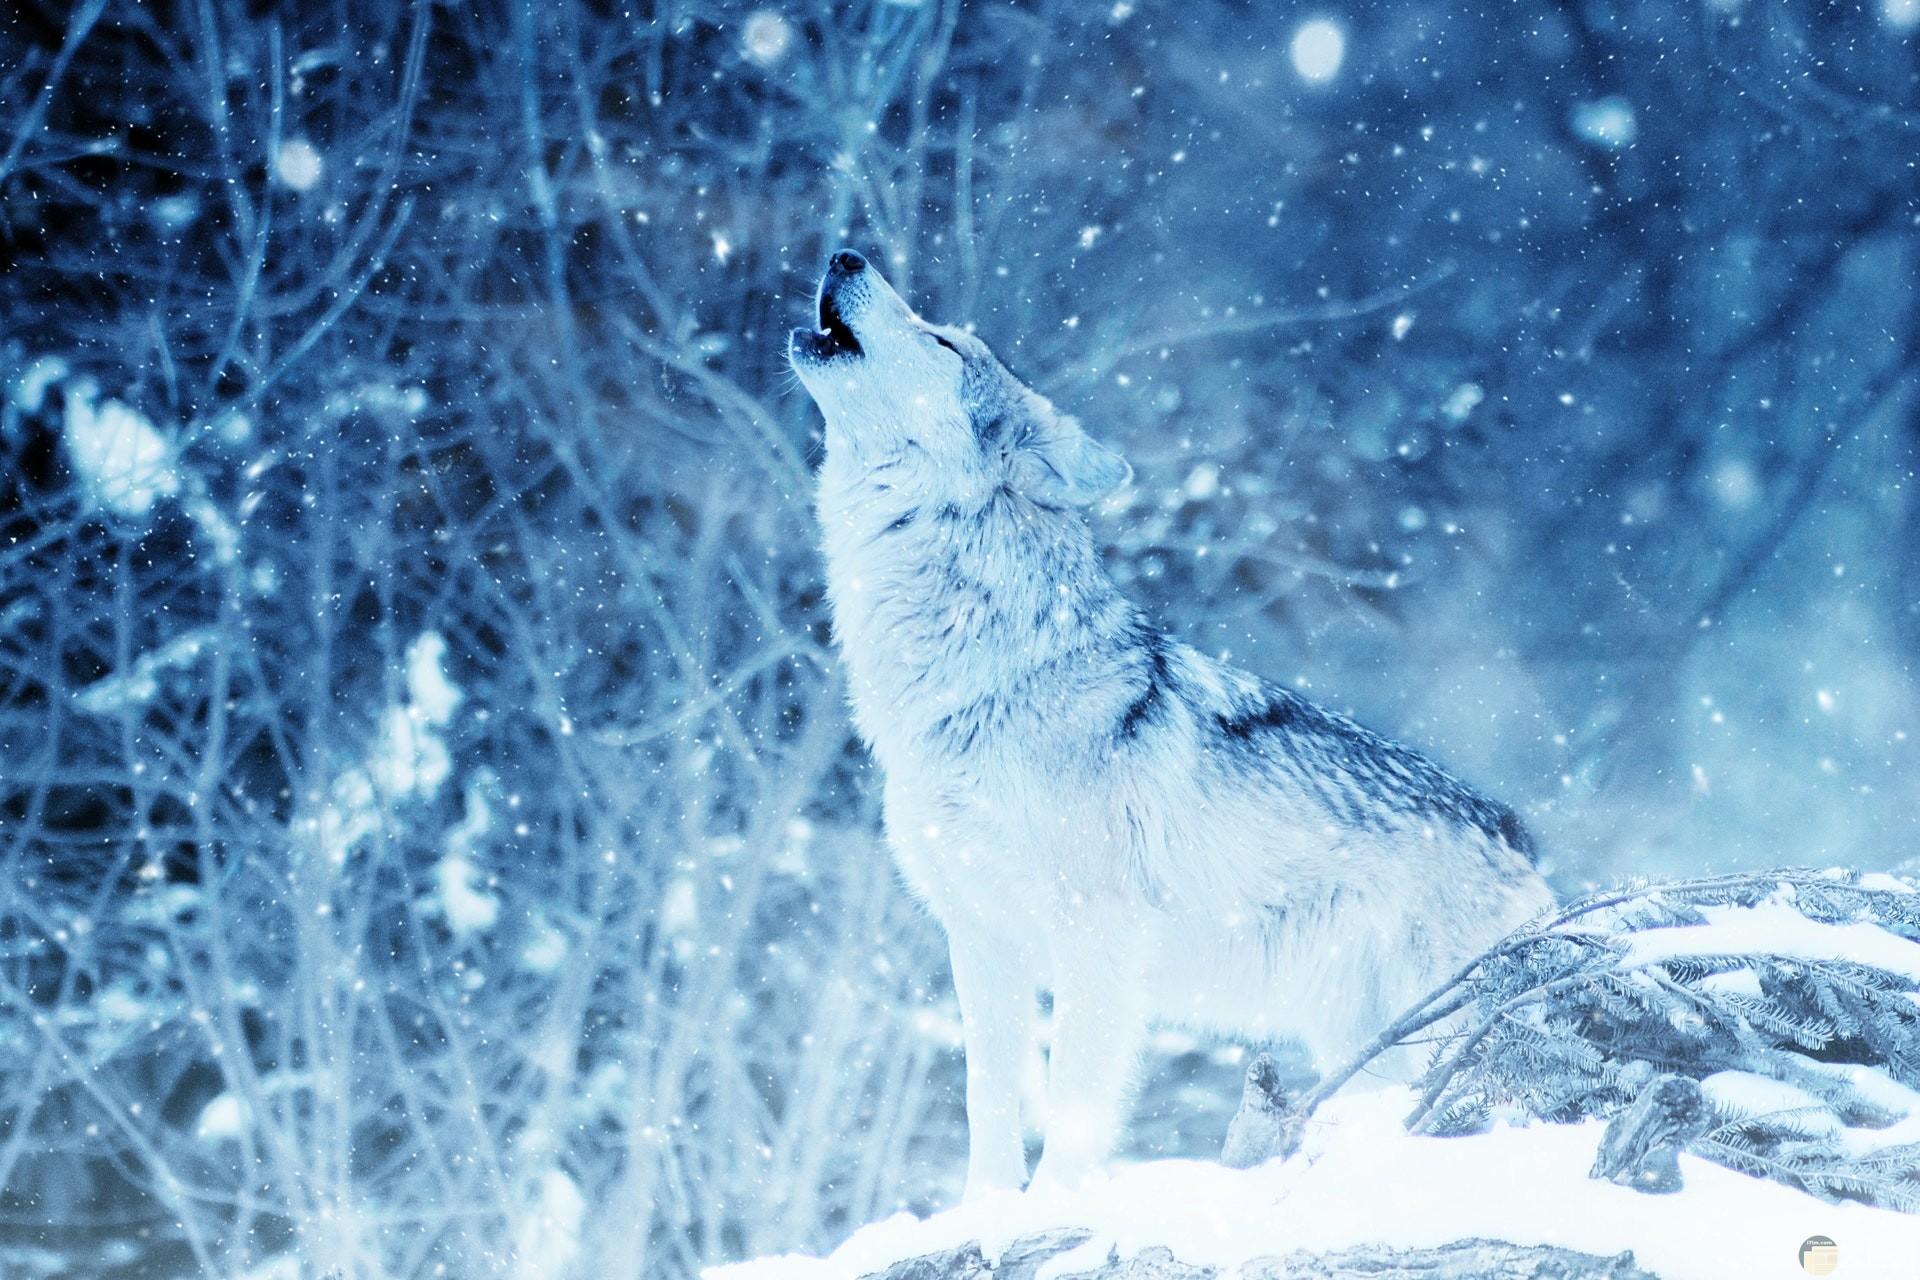 صورة ذيب مميزة تغطيه الثلوج البيضاء في غابة تتساقط الثلوج فيها